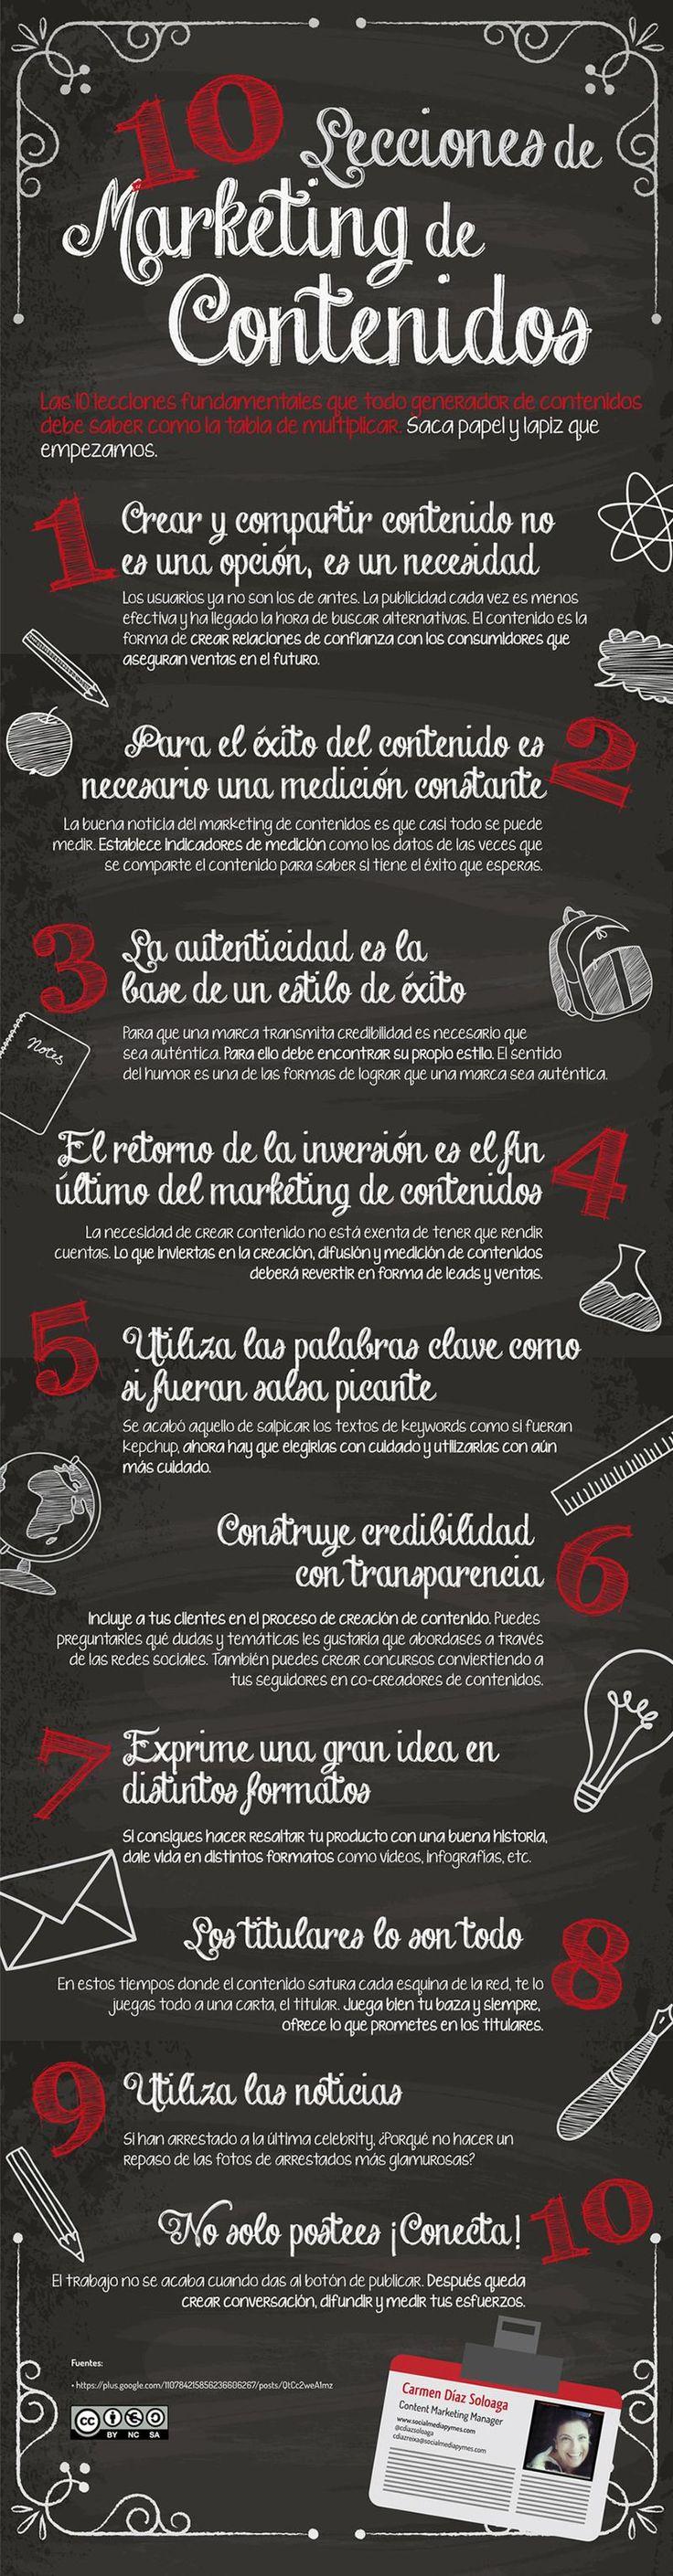 10 lecciones clave sobre el Marketing de Contenidos